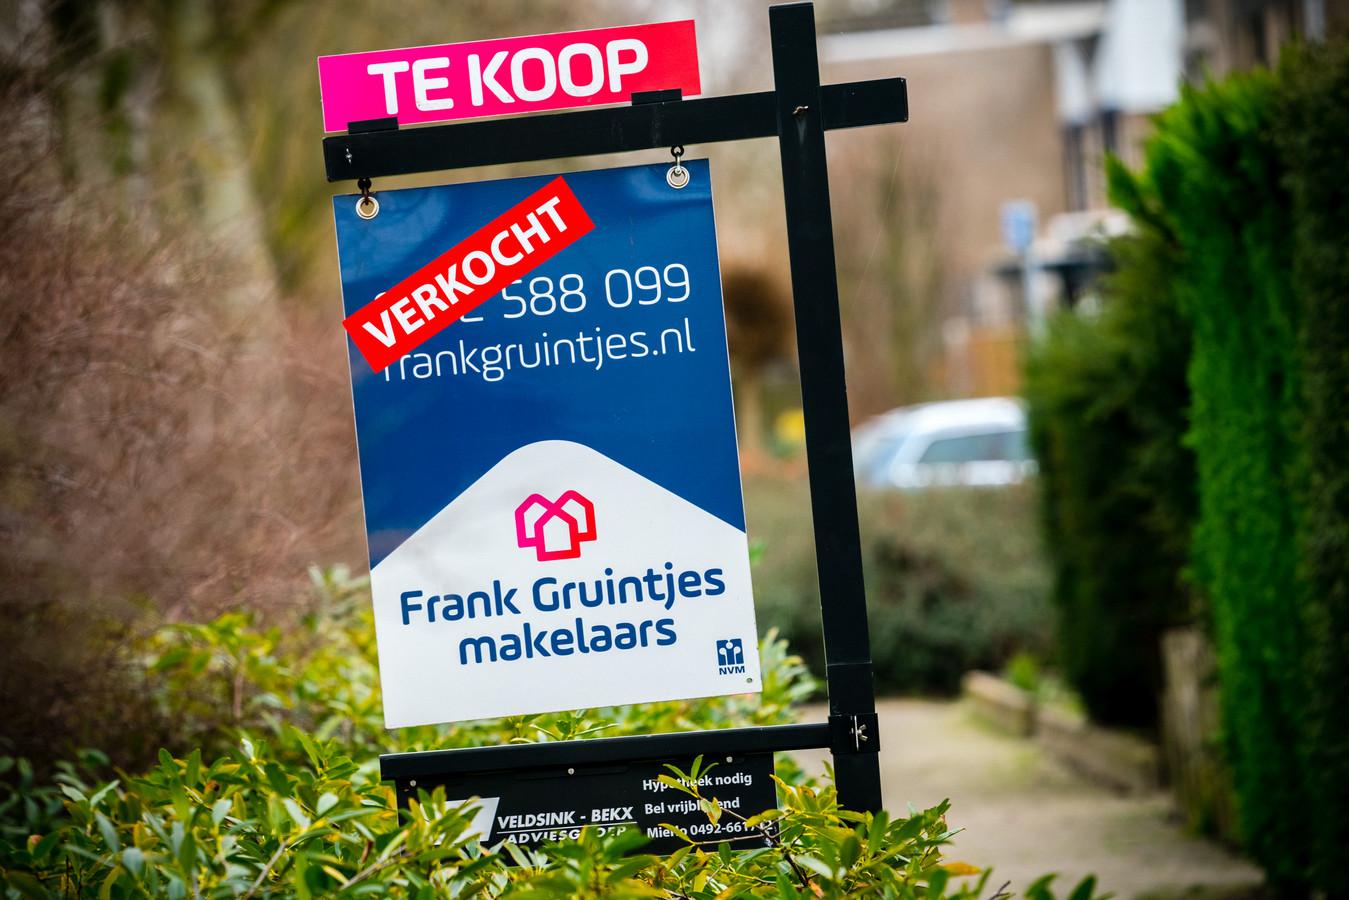 Huizen zijn snel verkocht en in de meeste gevallen voor een hoger bedrag dan de vraagprijs.